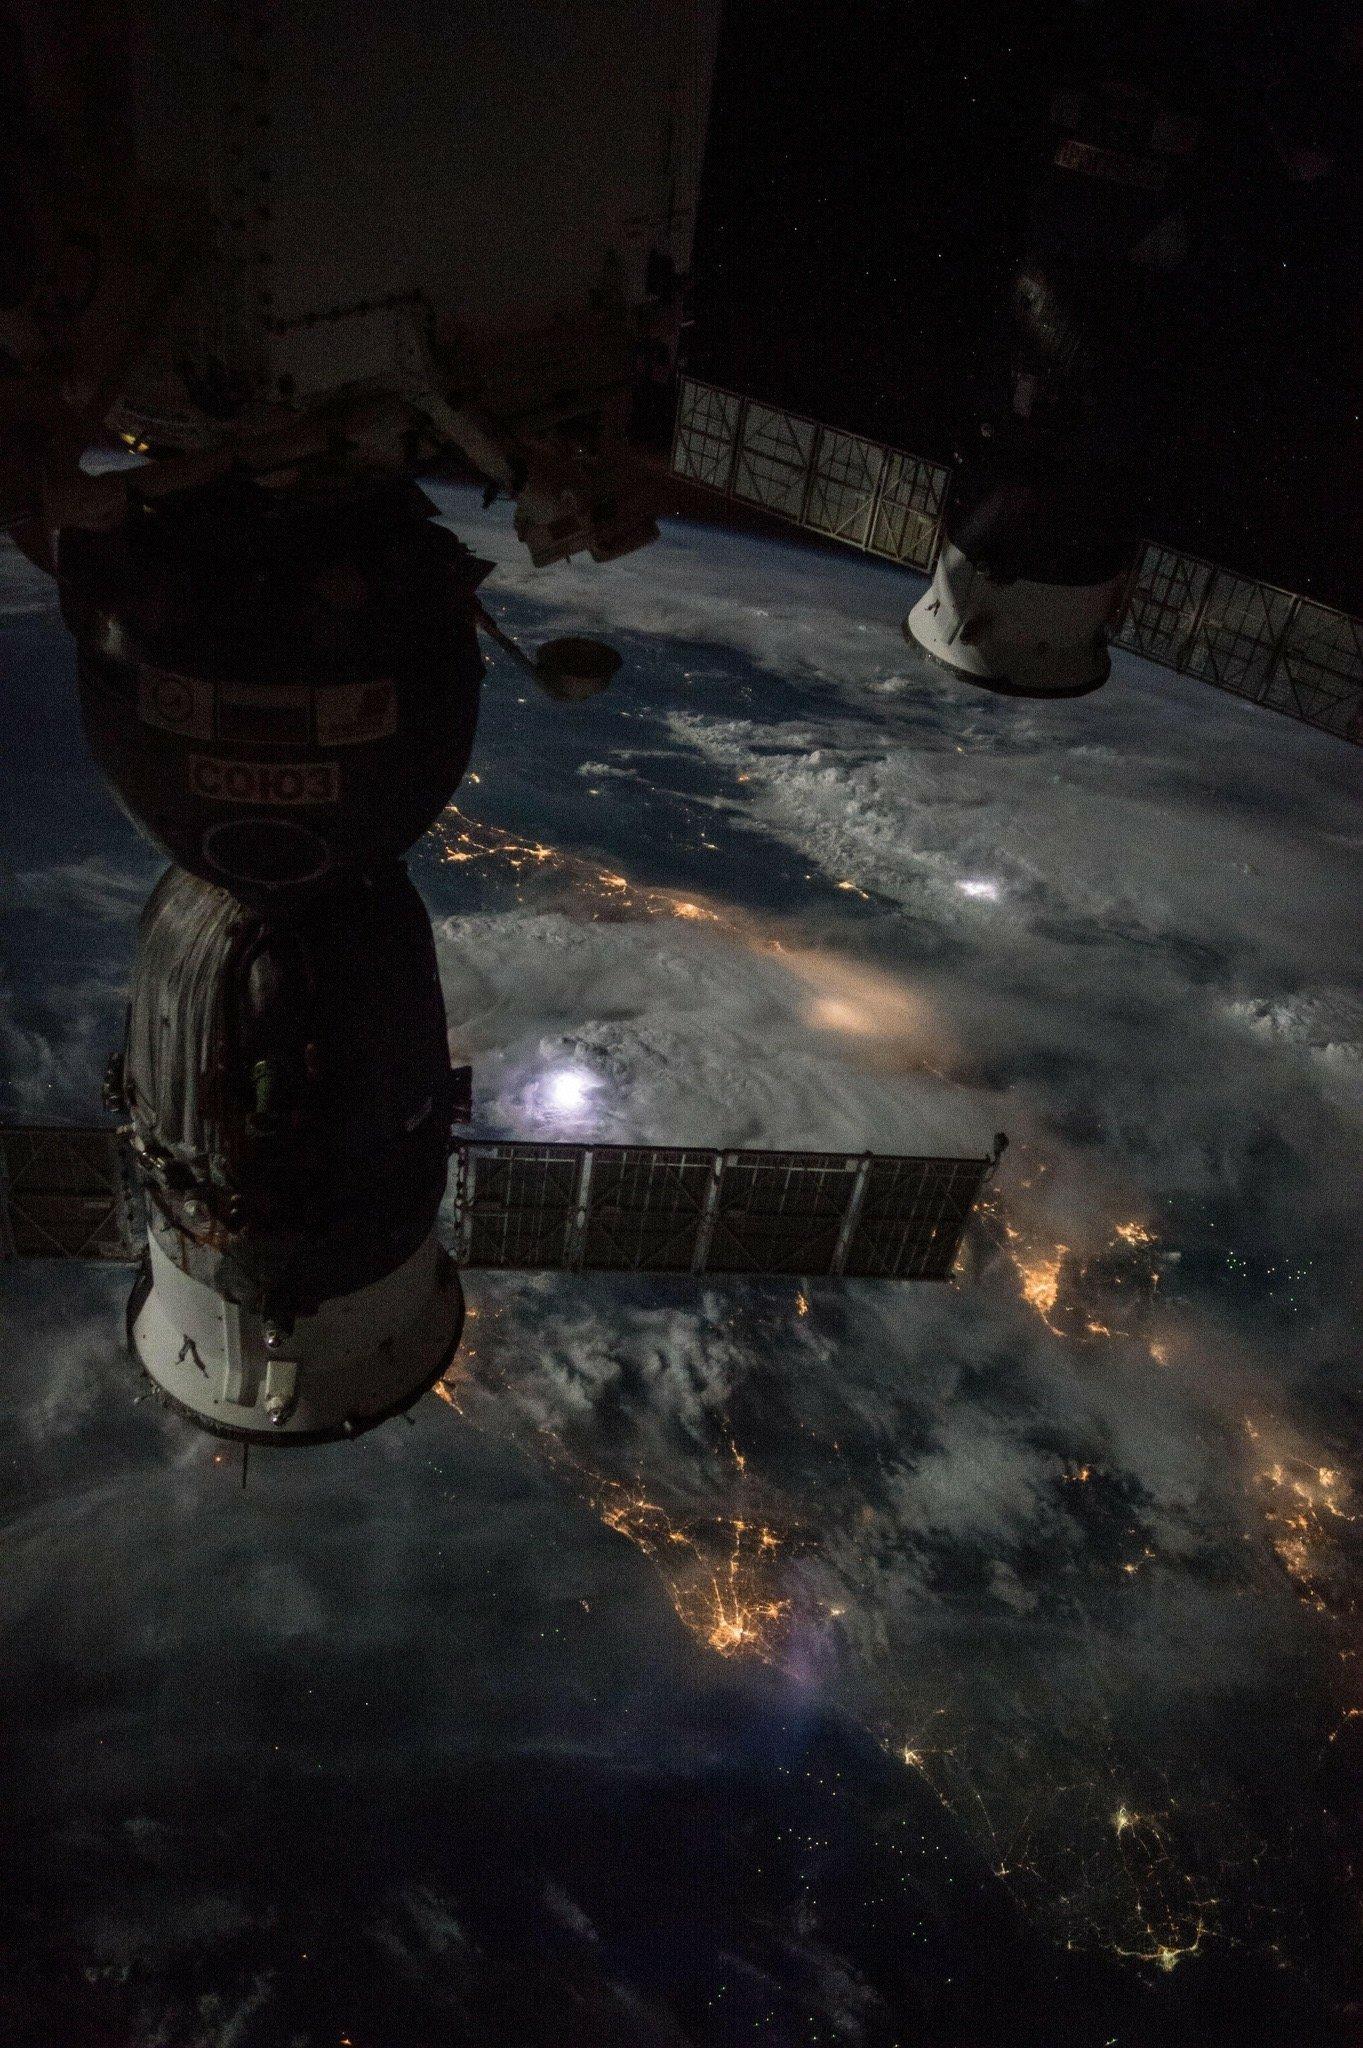 Foto tirada da Estação Espacial Internacional sobrevoando tempestades